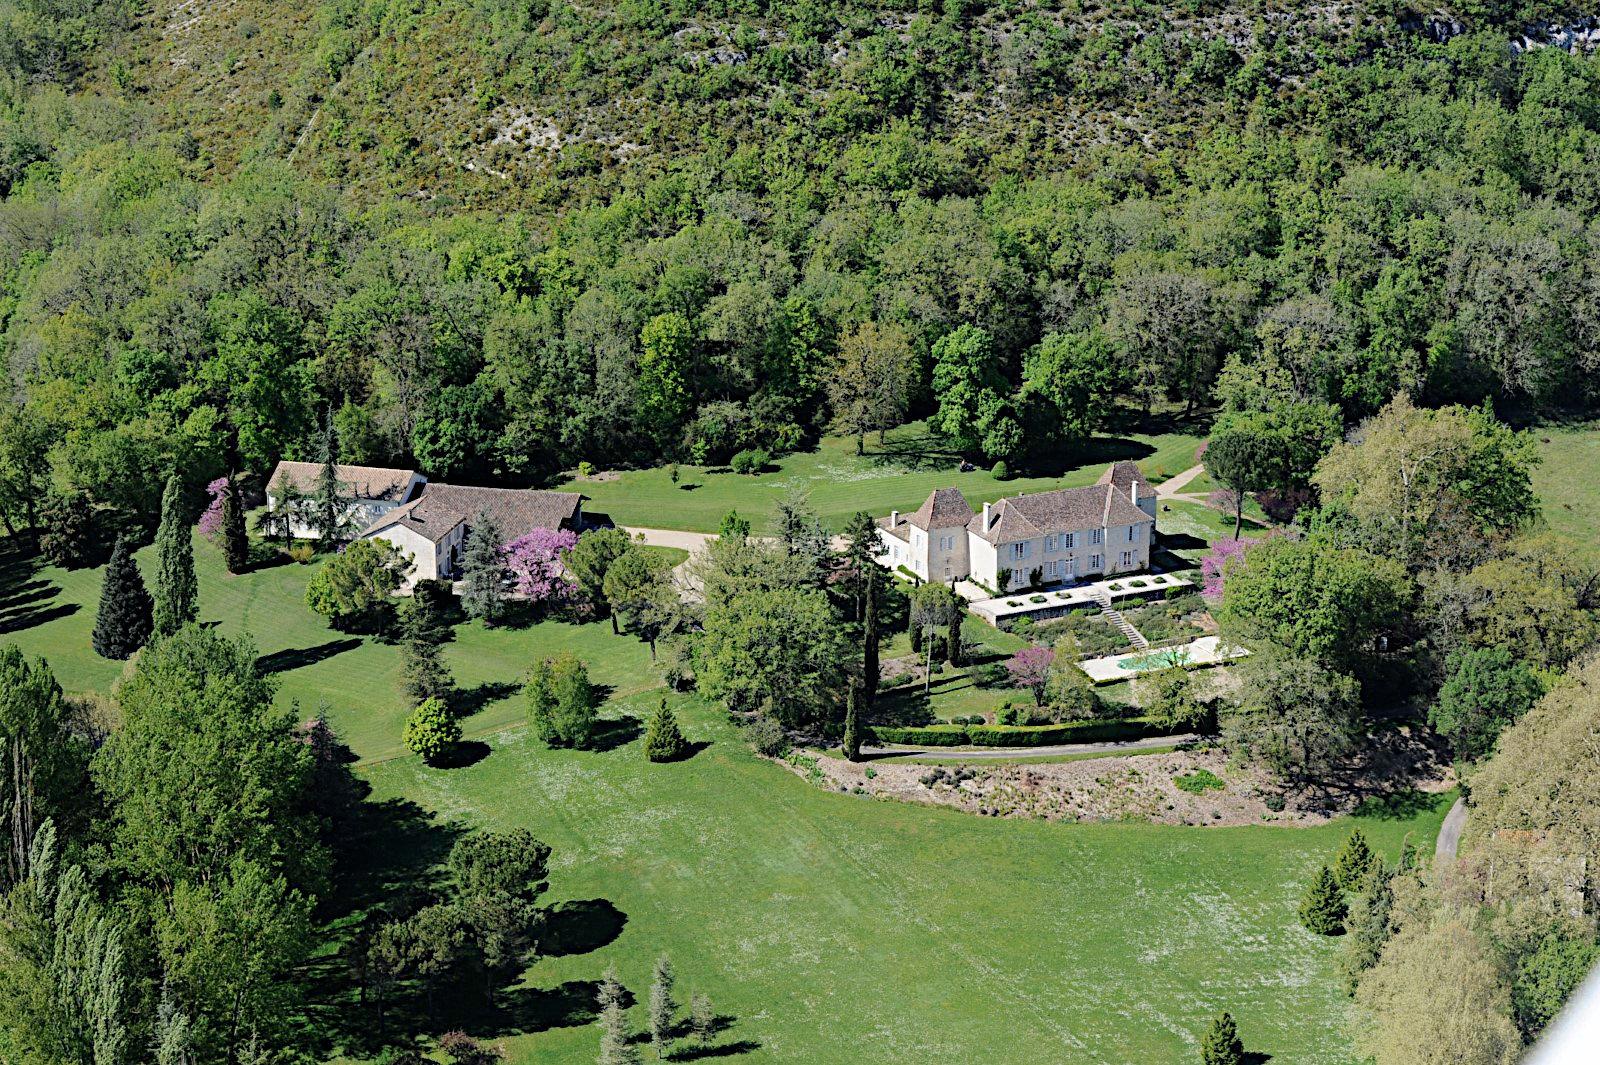 Château situé sur le flanc d'une colline surplombant une vallée